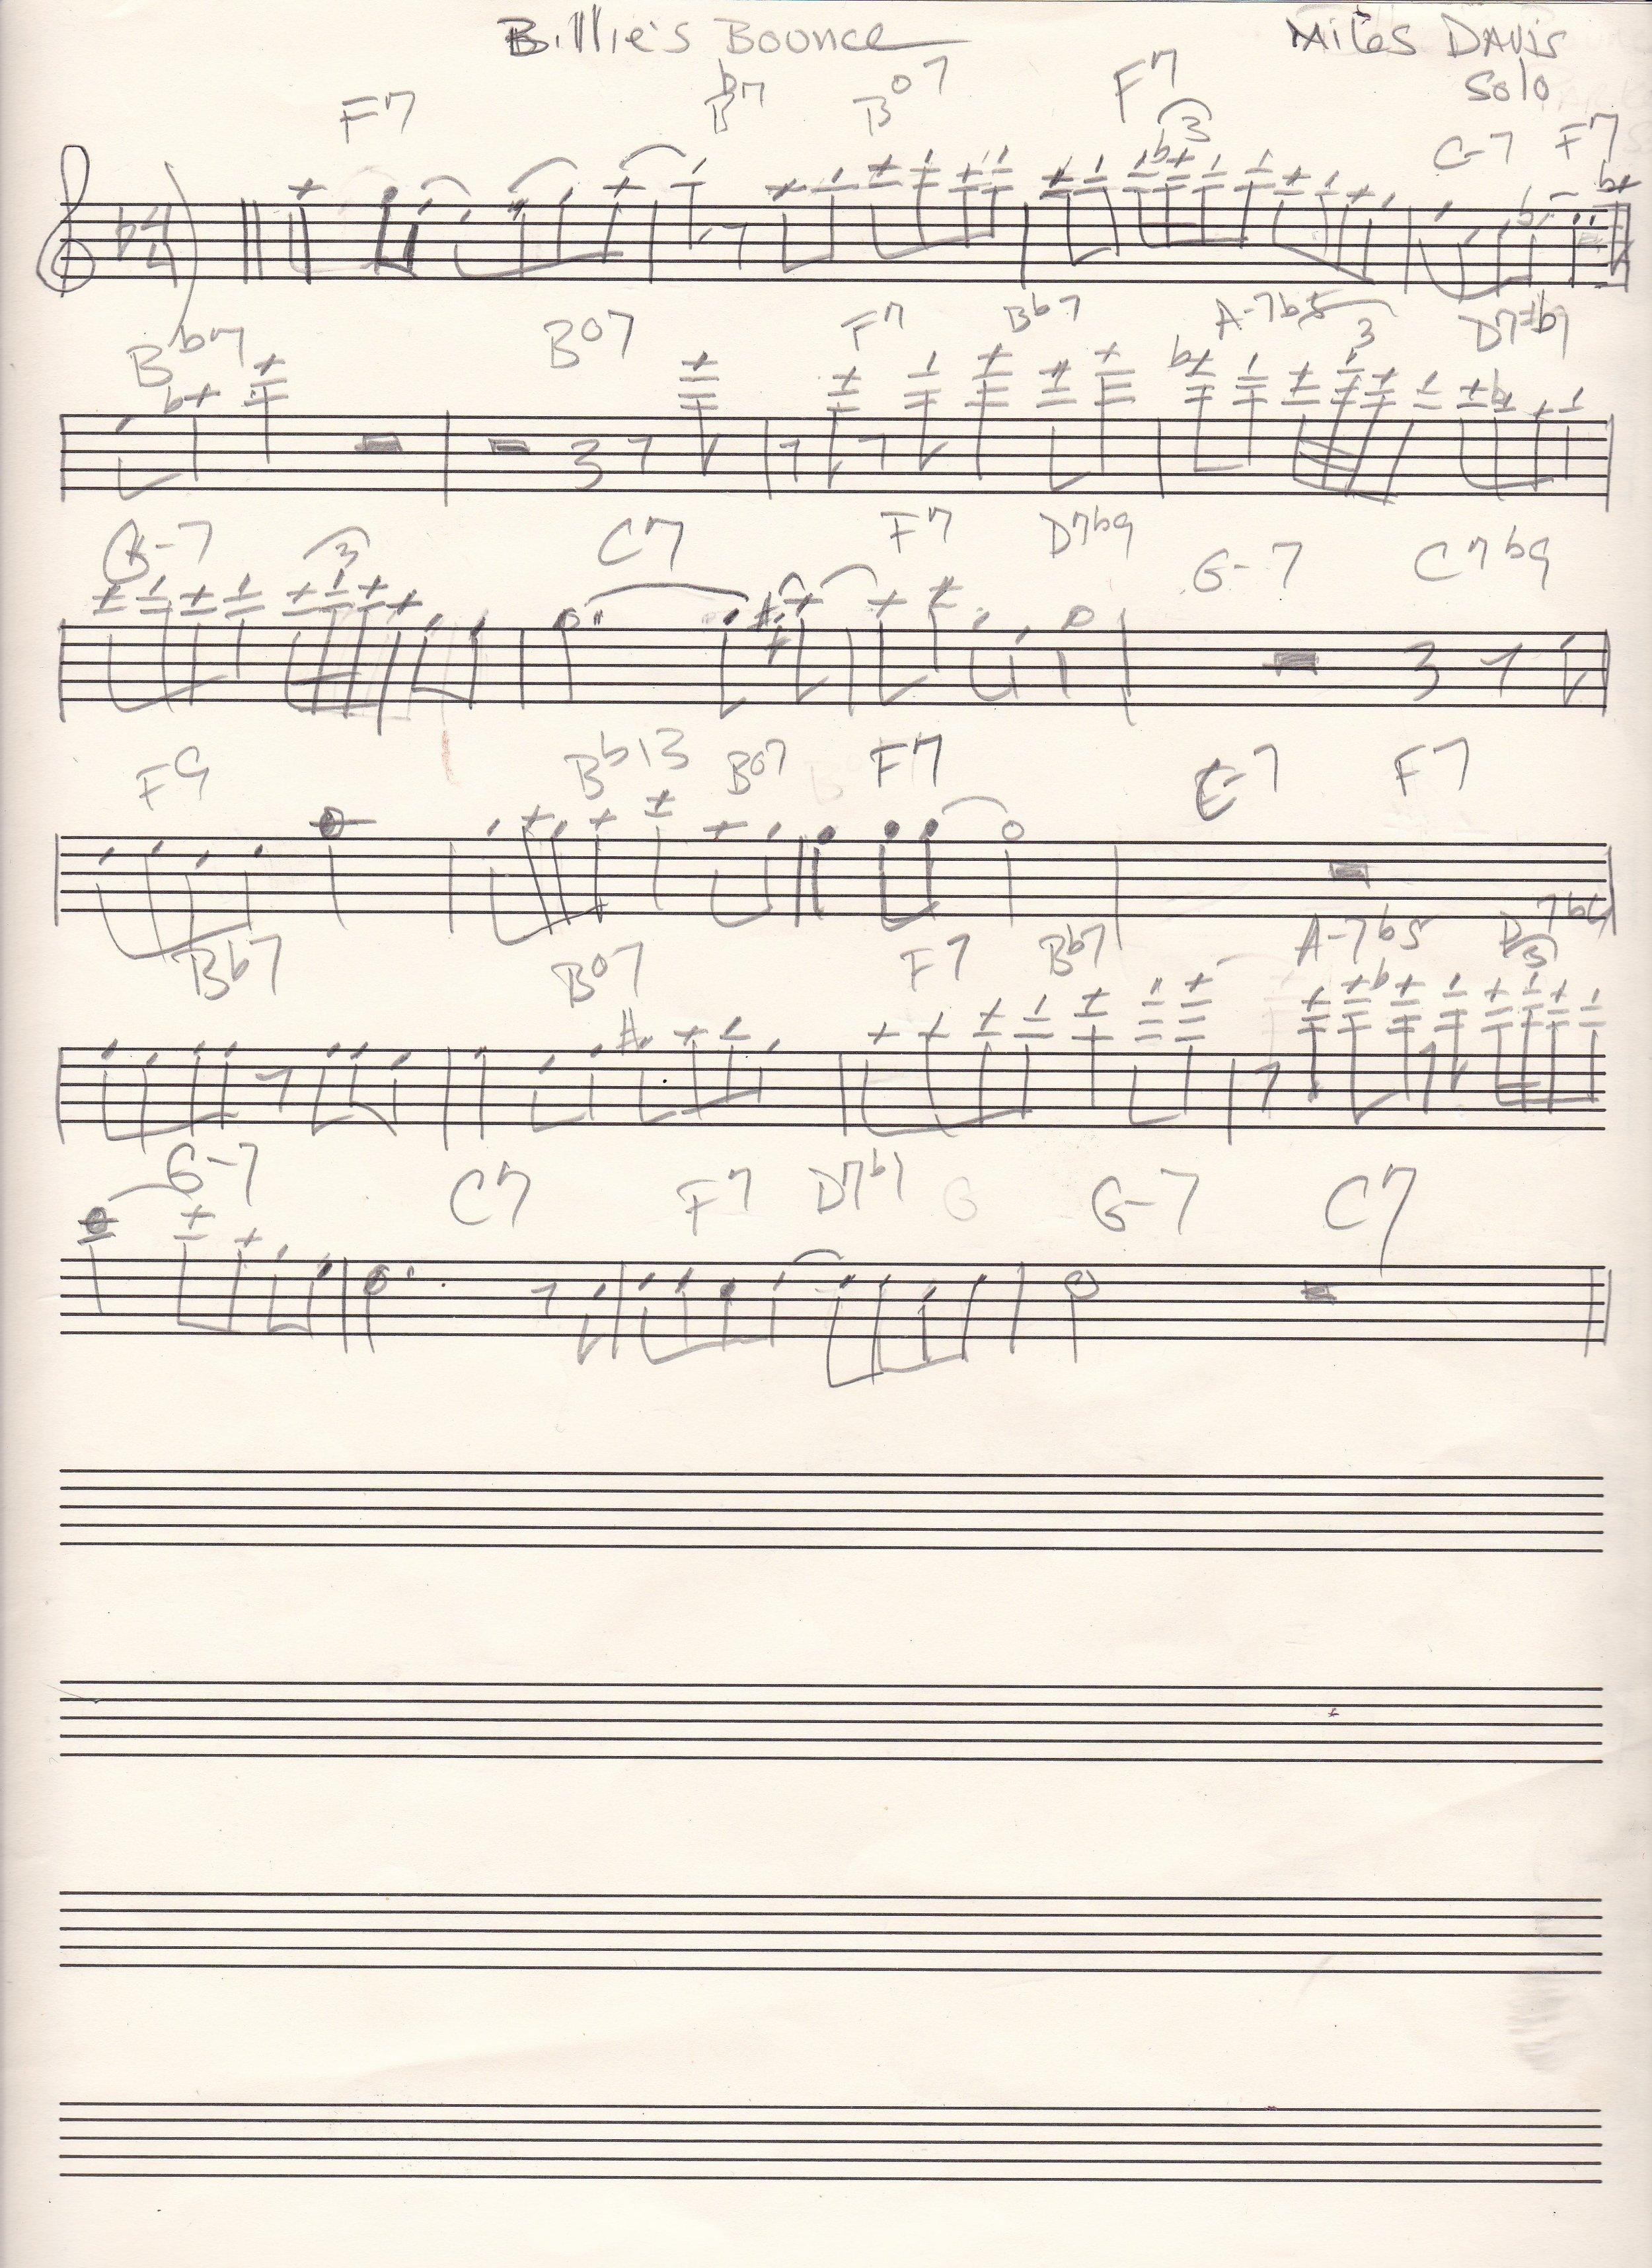 Billie's Bounce Miles Davis solo